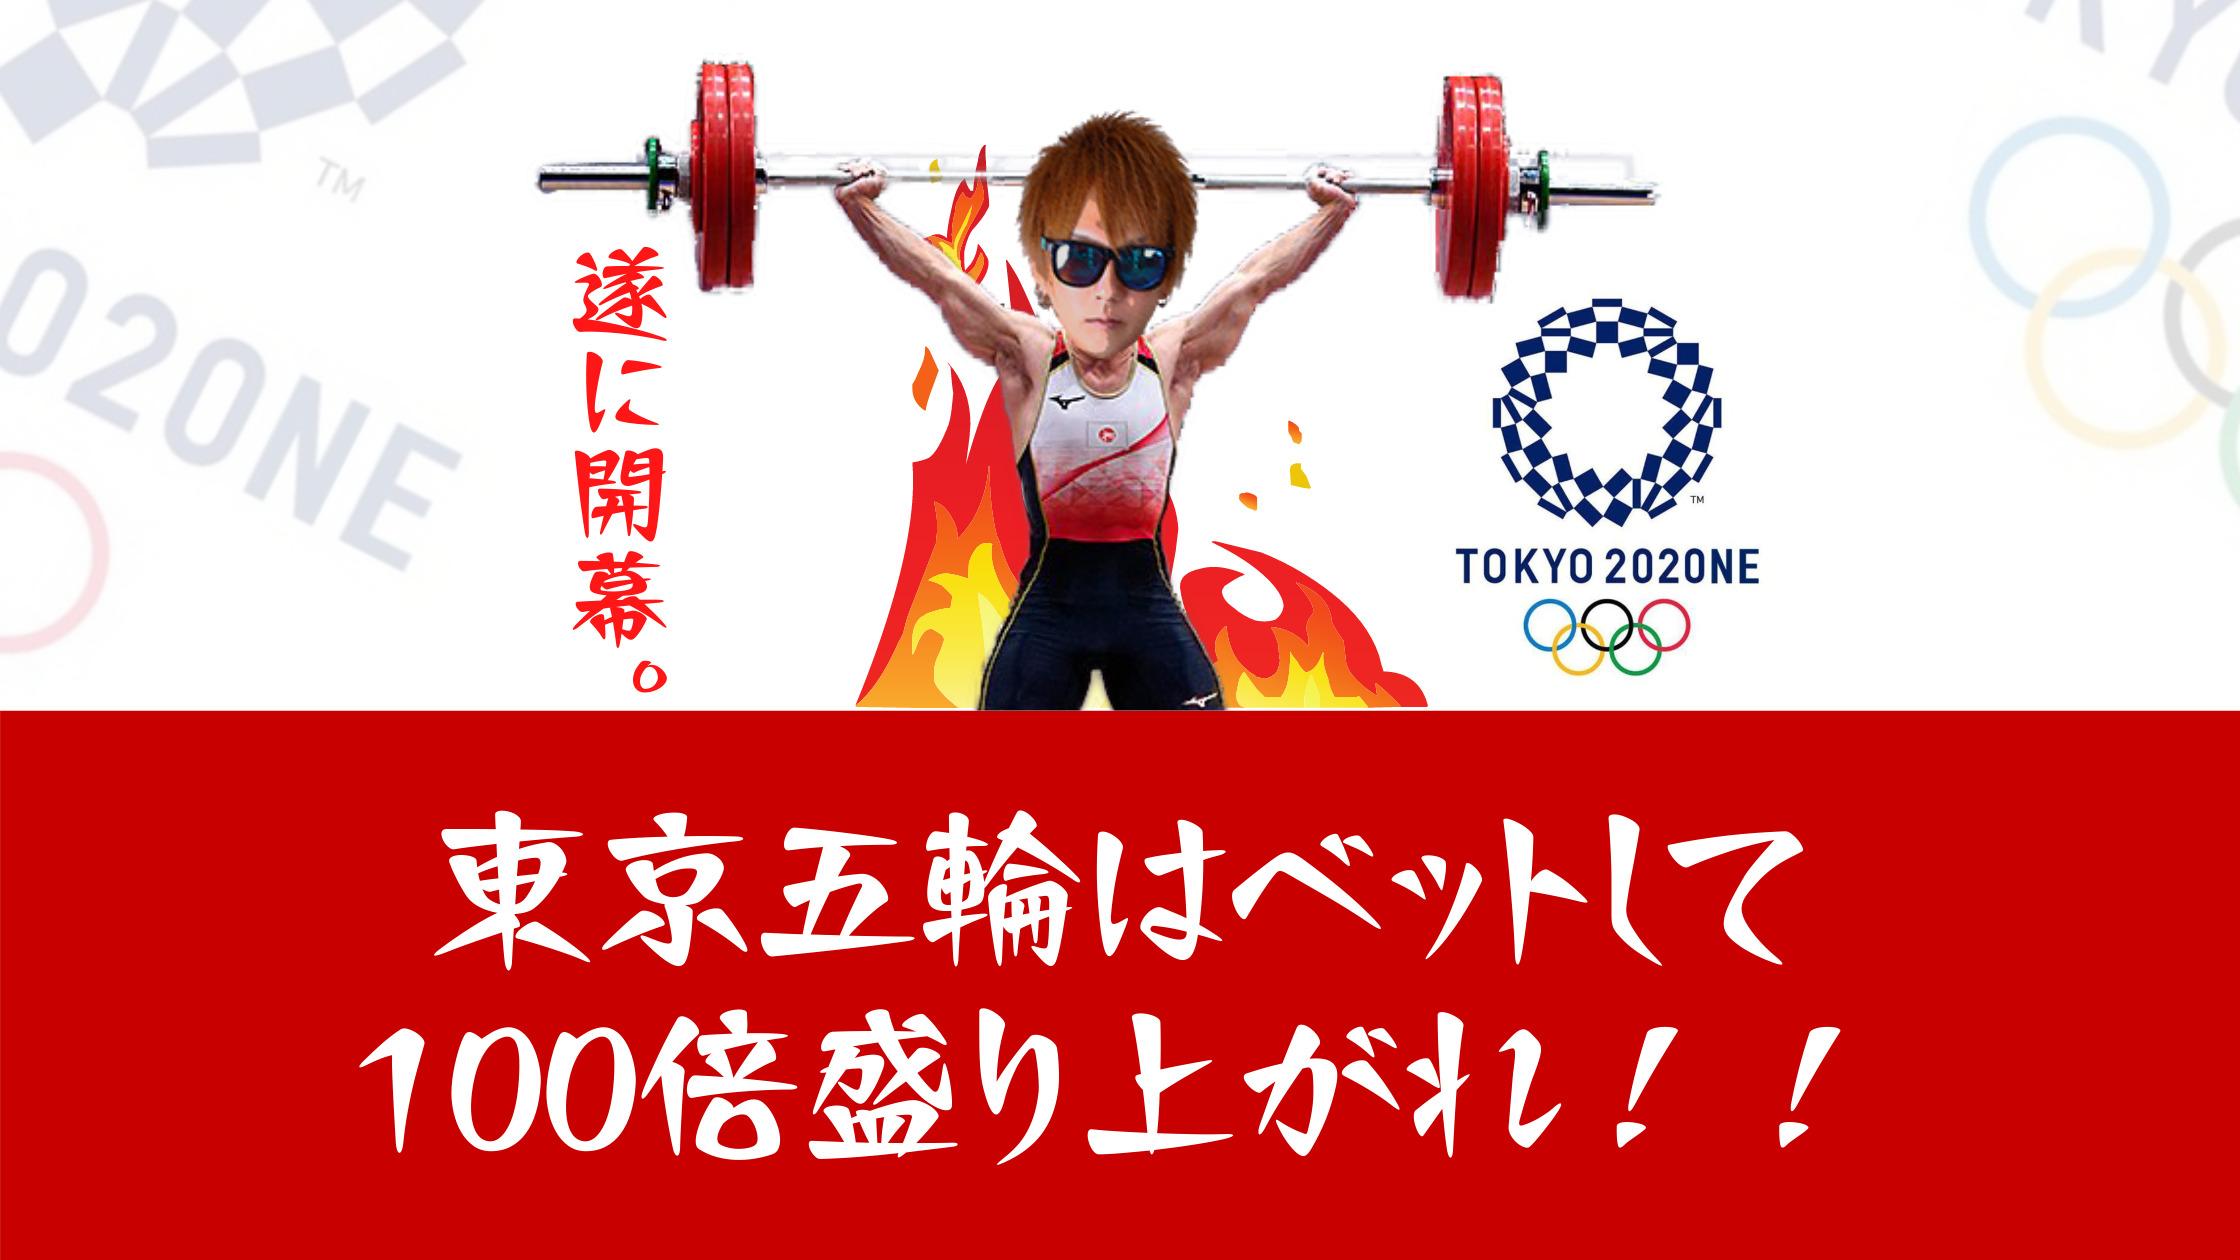 【2021年オリンピック特集!】ベットして観戦すれば興奮100倍です!オリンピックの開催状況も!